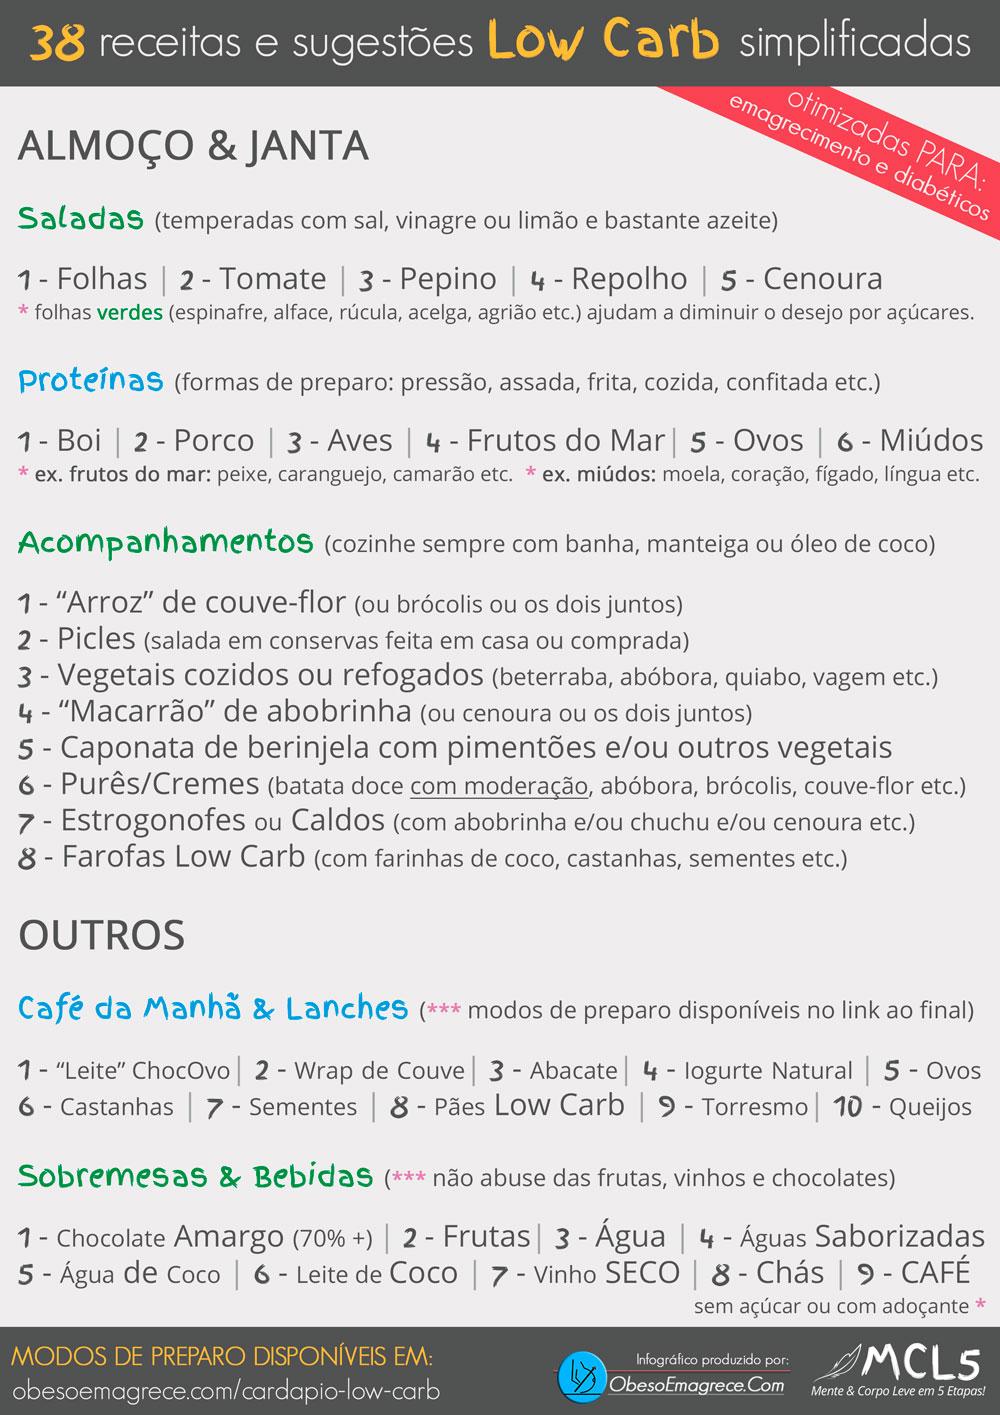 cardápio low carb para emagrecer - infográfico#5: 38 receitas e sugestões low carb simplificadas em tamanho grande